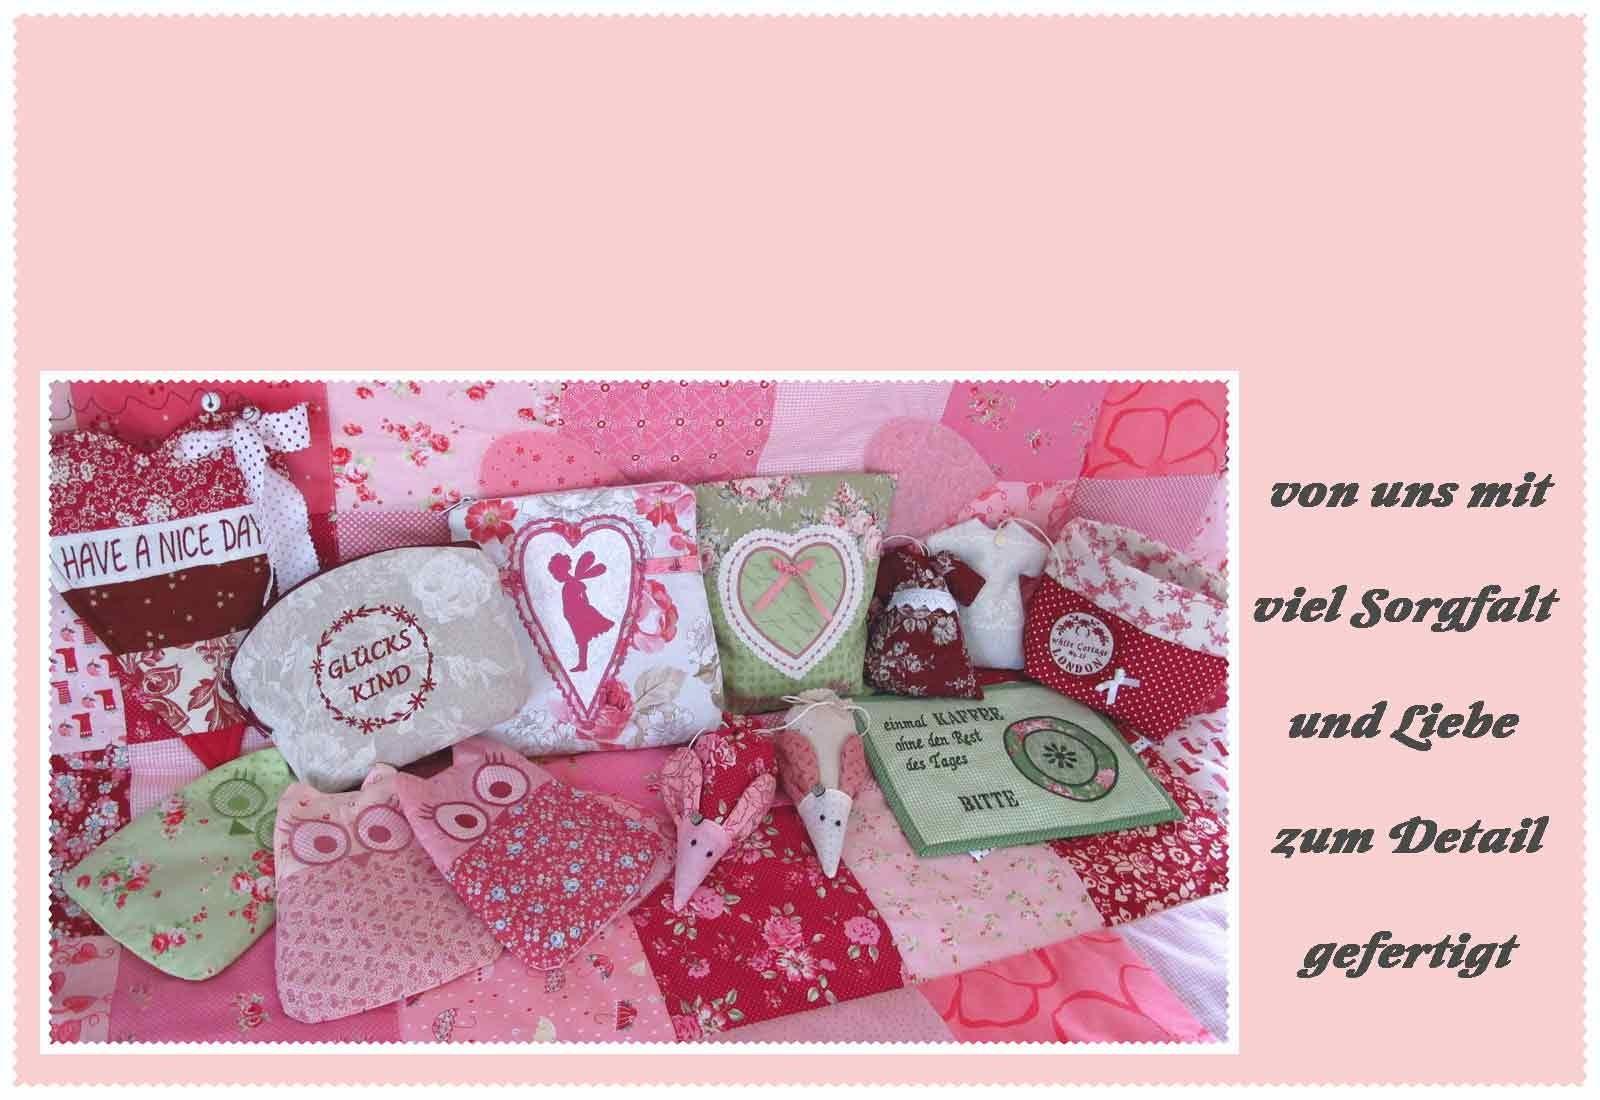 bei HettyRosePatch Kosmetiktaschen klein, Schlüsselbänder, Wärmekissen oder Patchworkdecken Quilts aus hochwertigen Stoffen mit Liebe zum Detail gefertigt